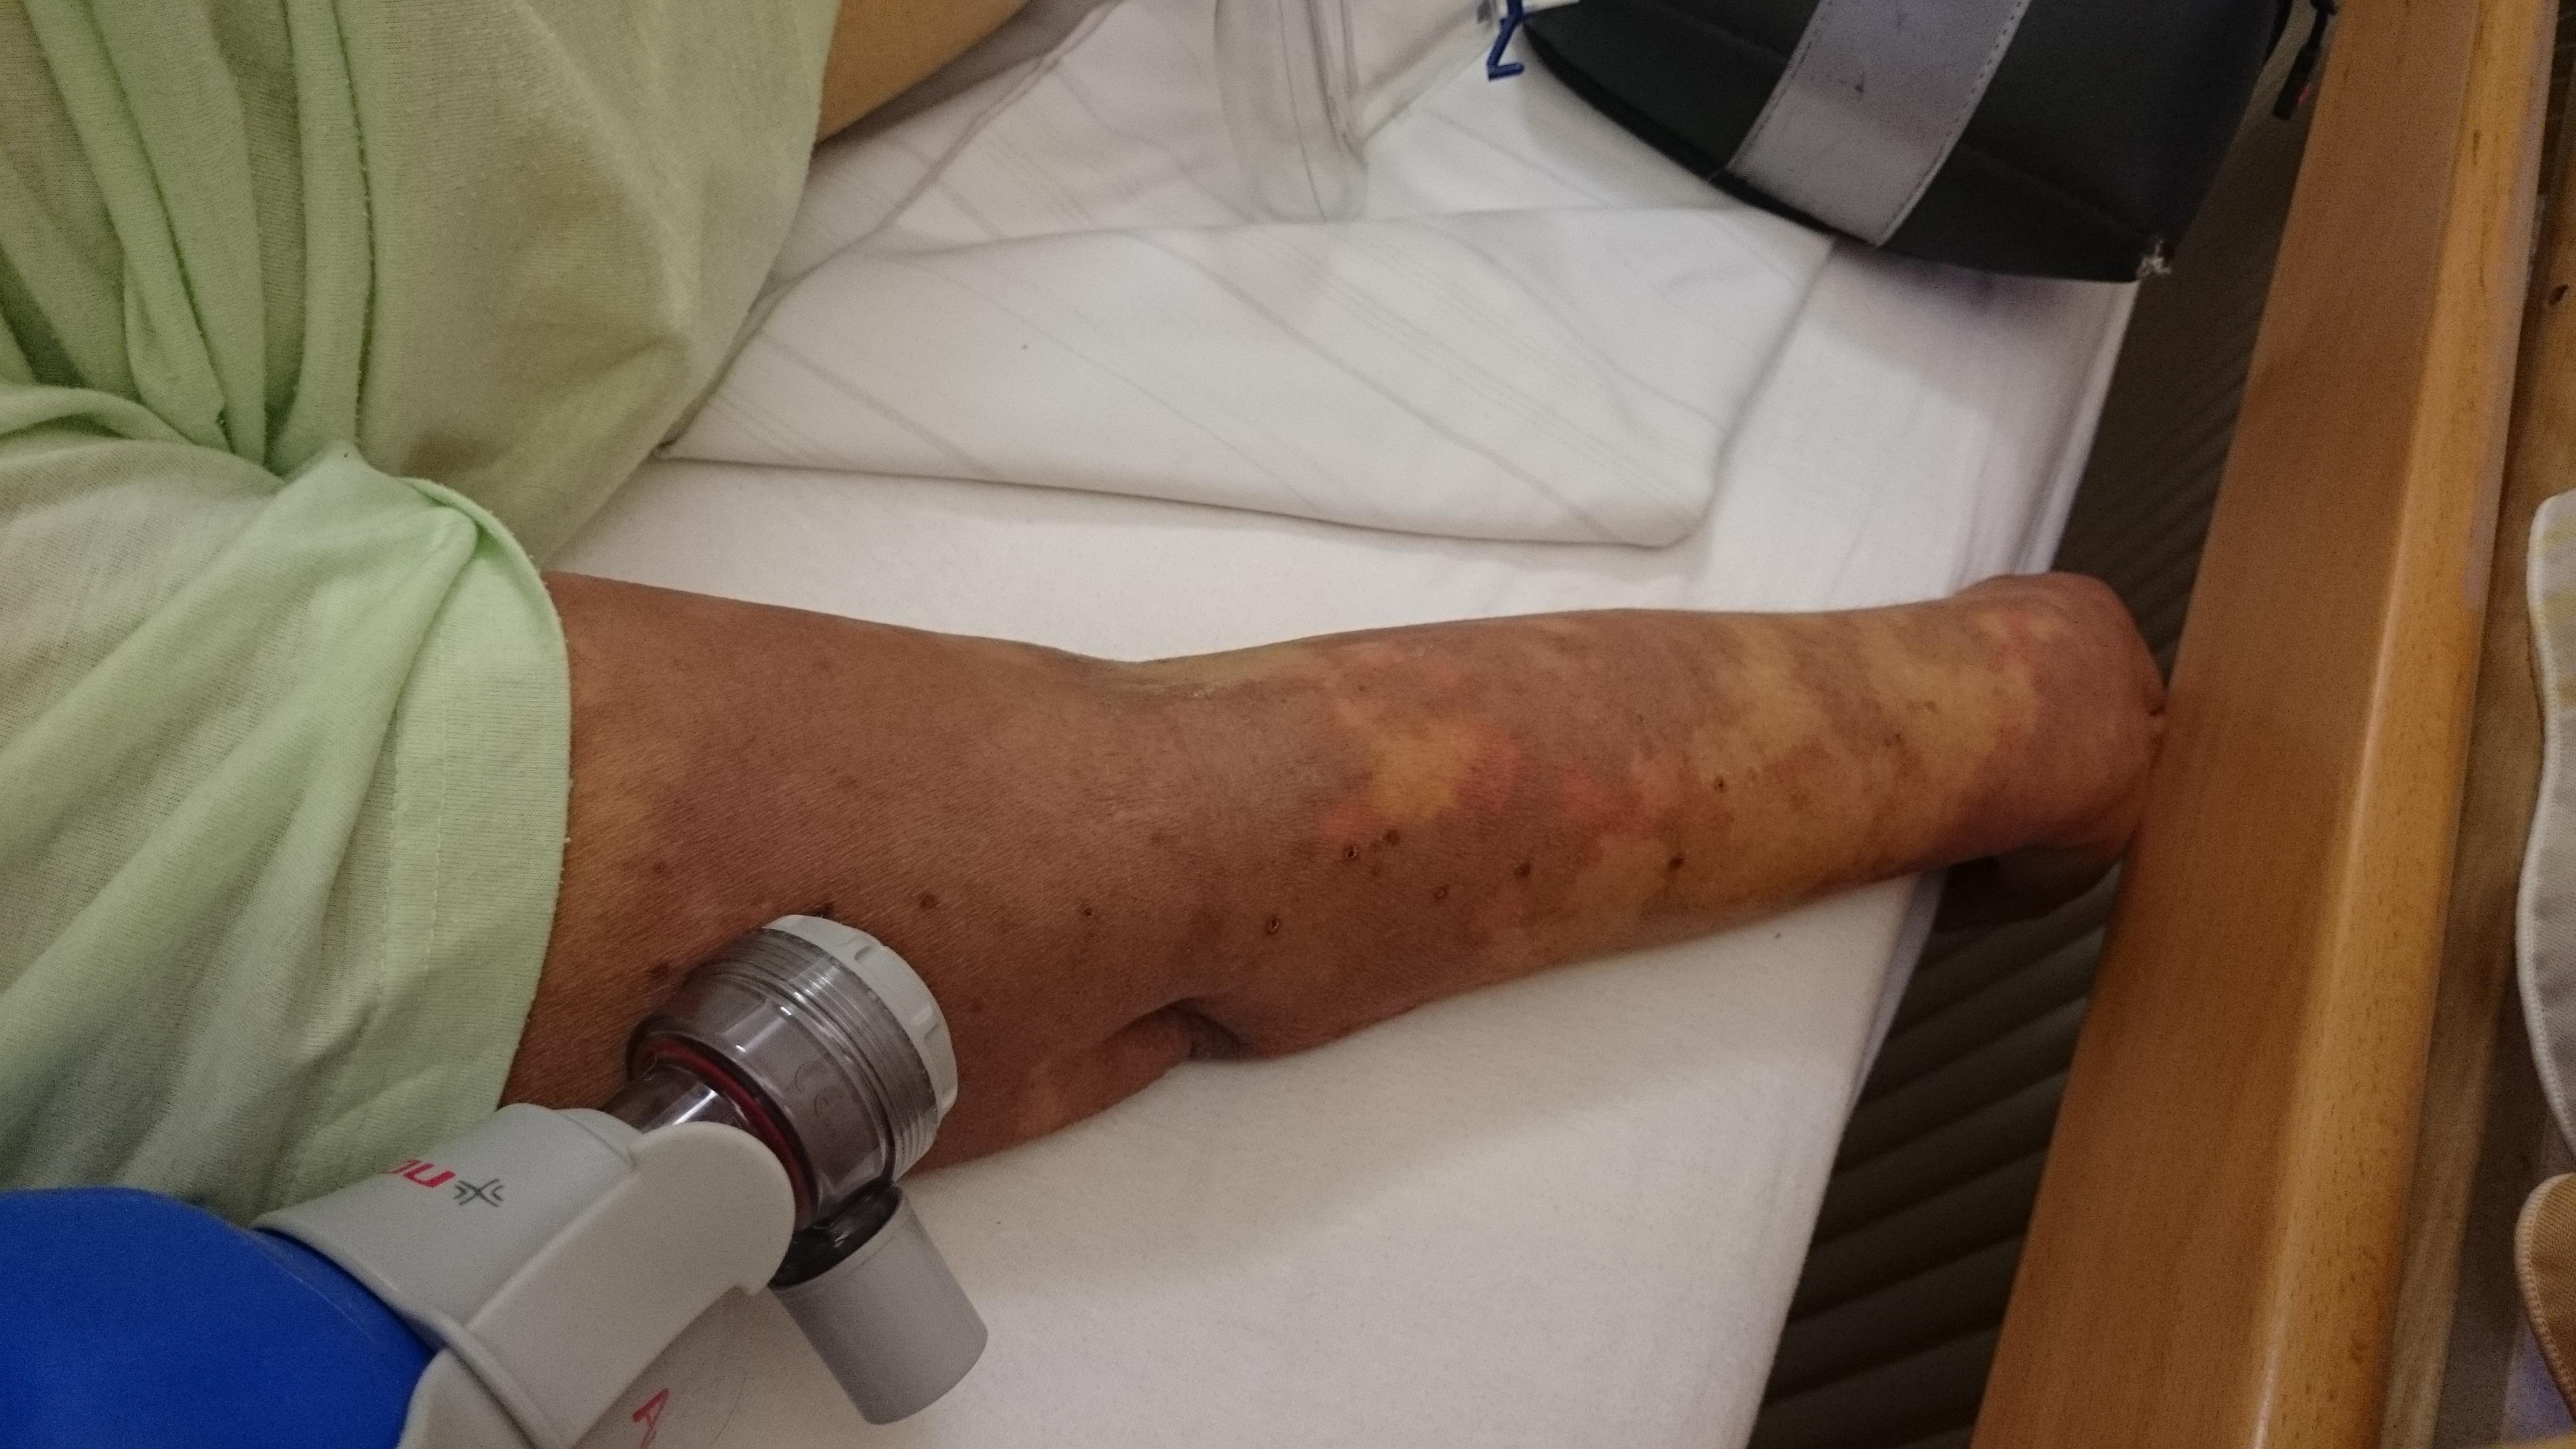 código icd 10 para infección de la piel